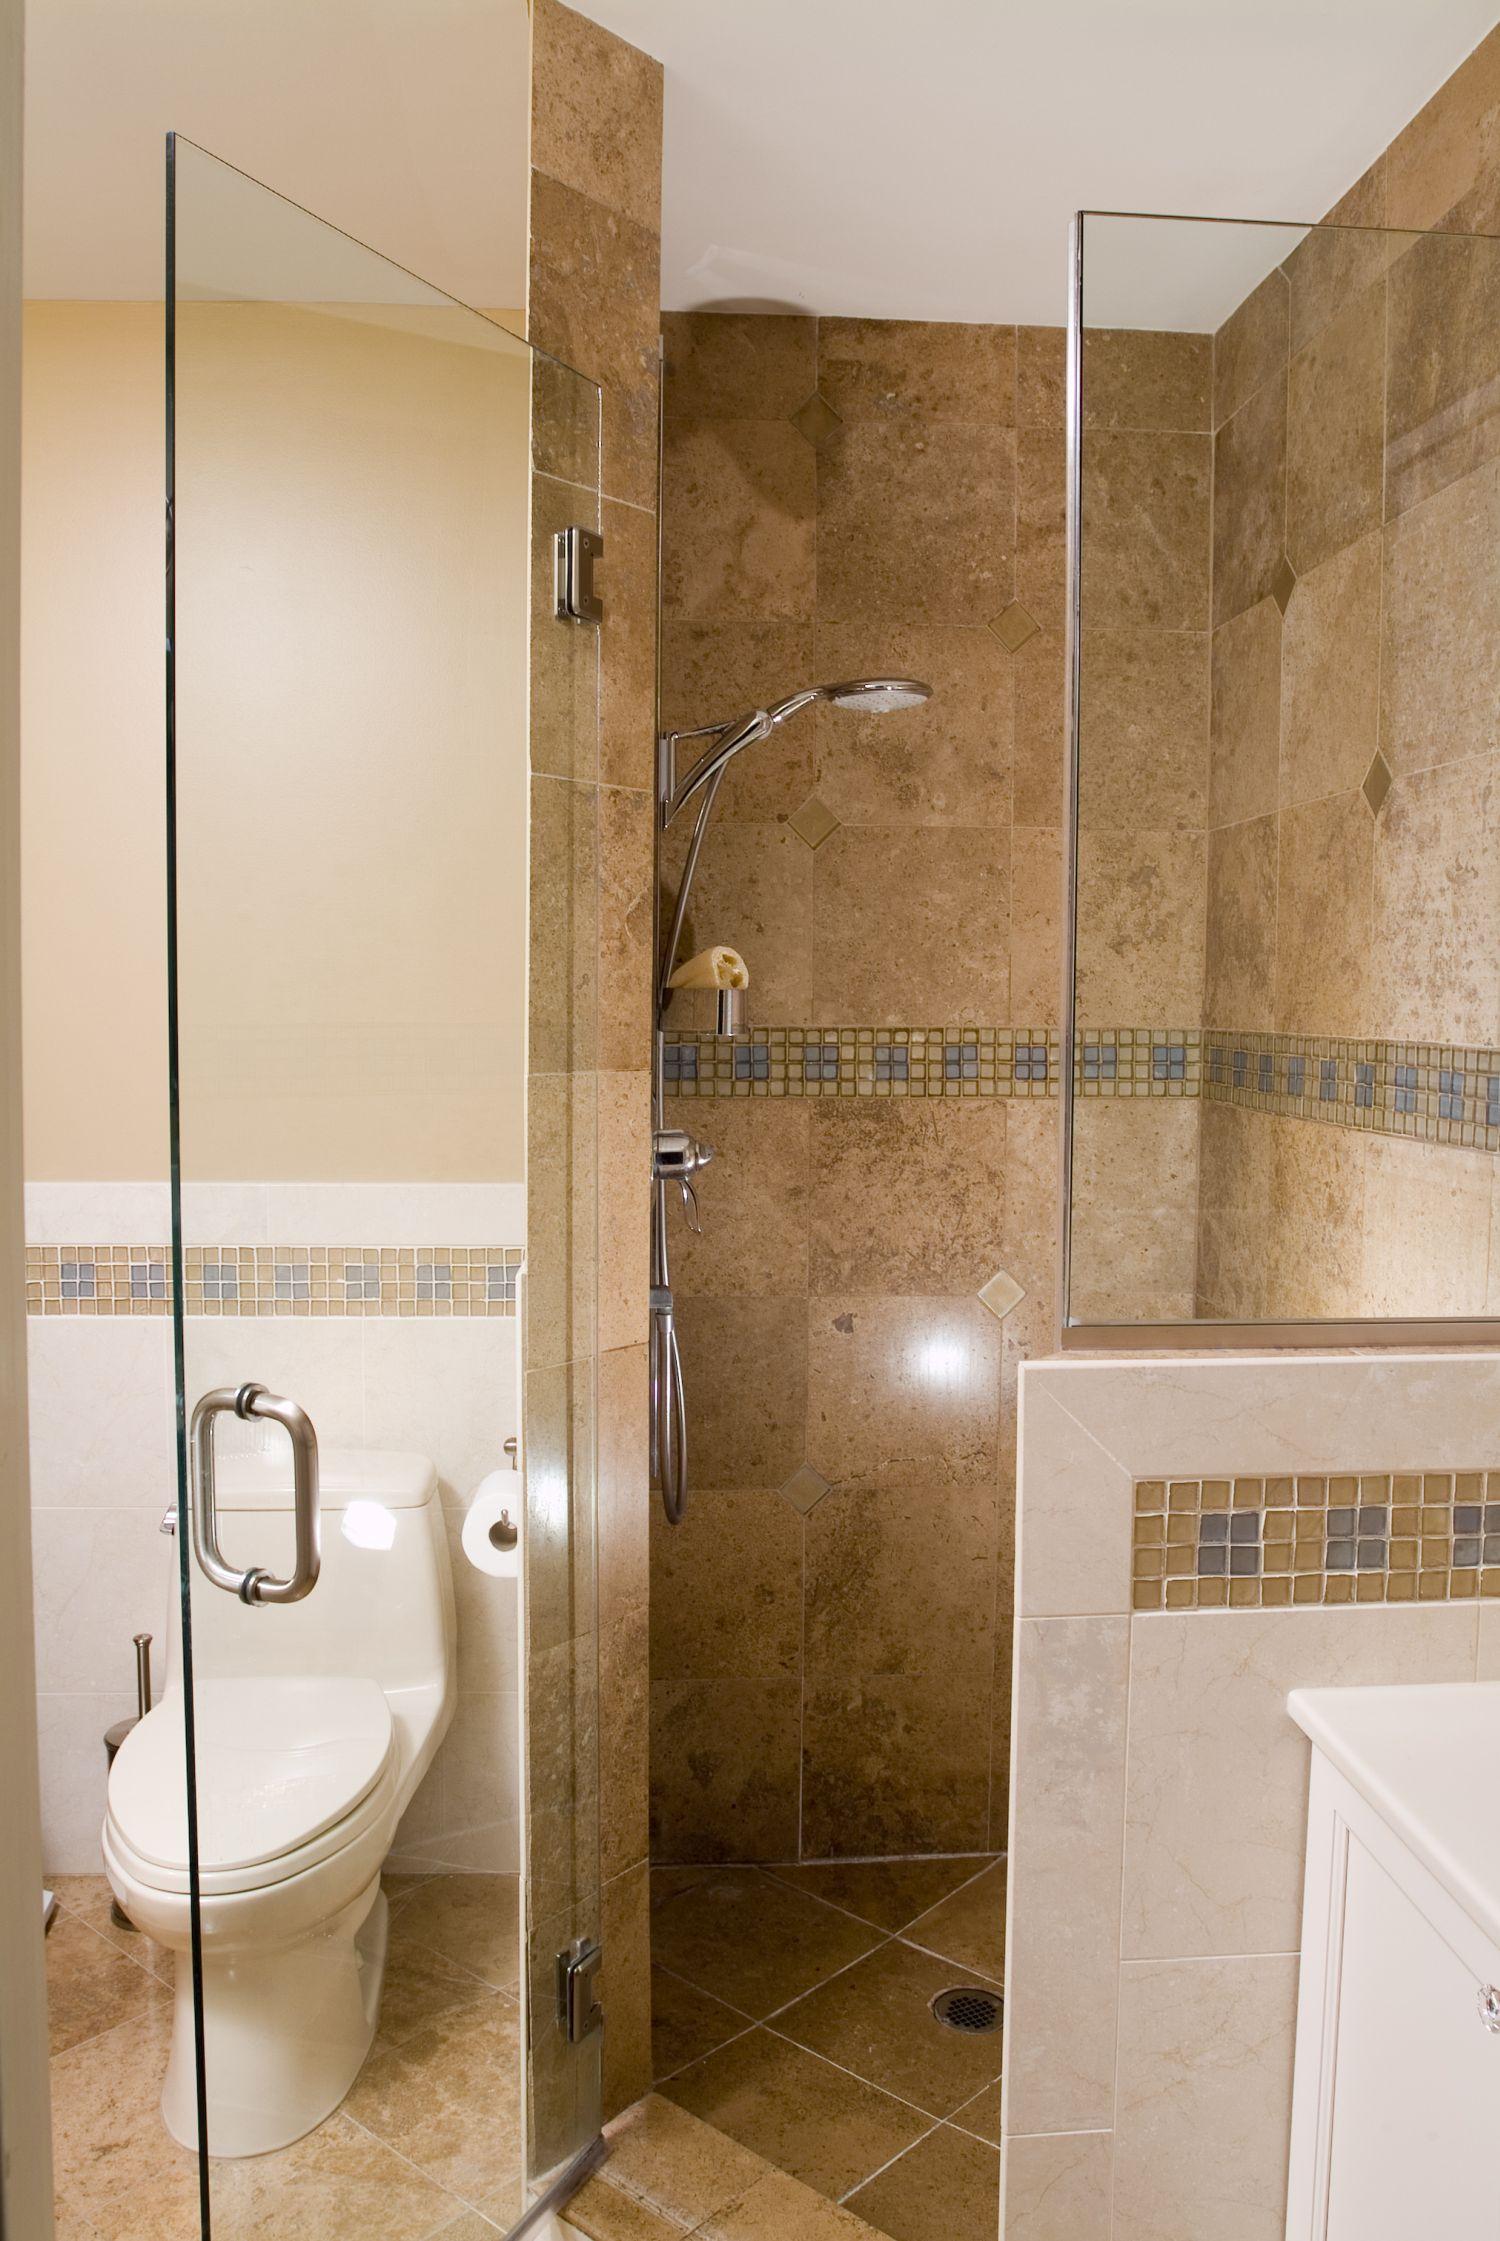 A corner shower with frameless glass doors